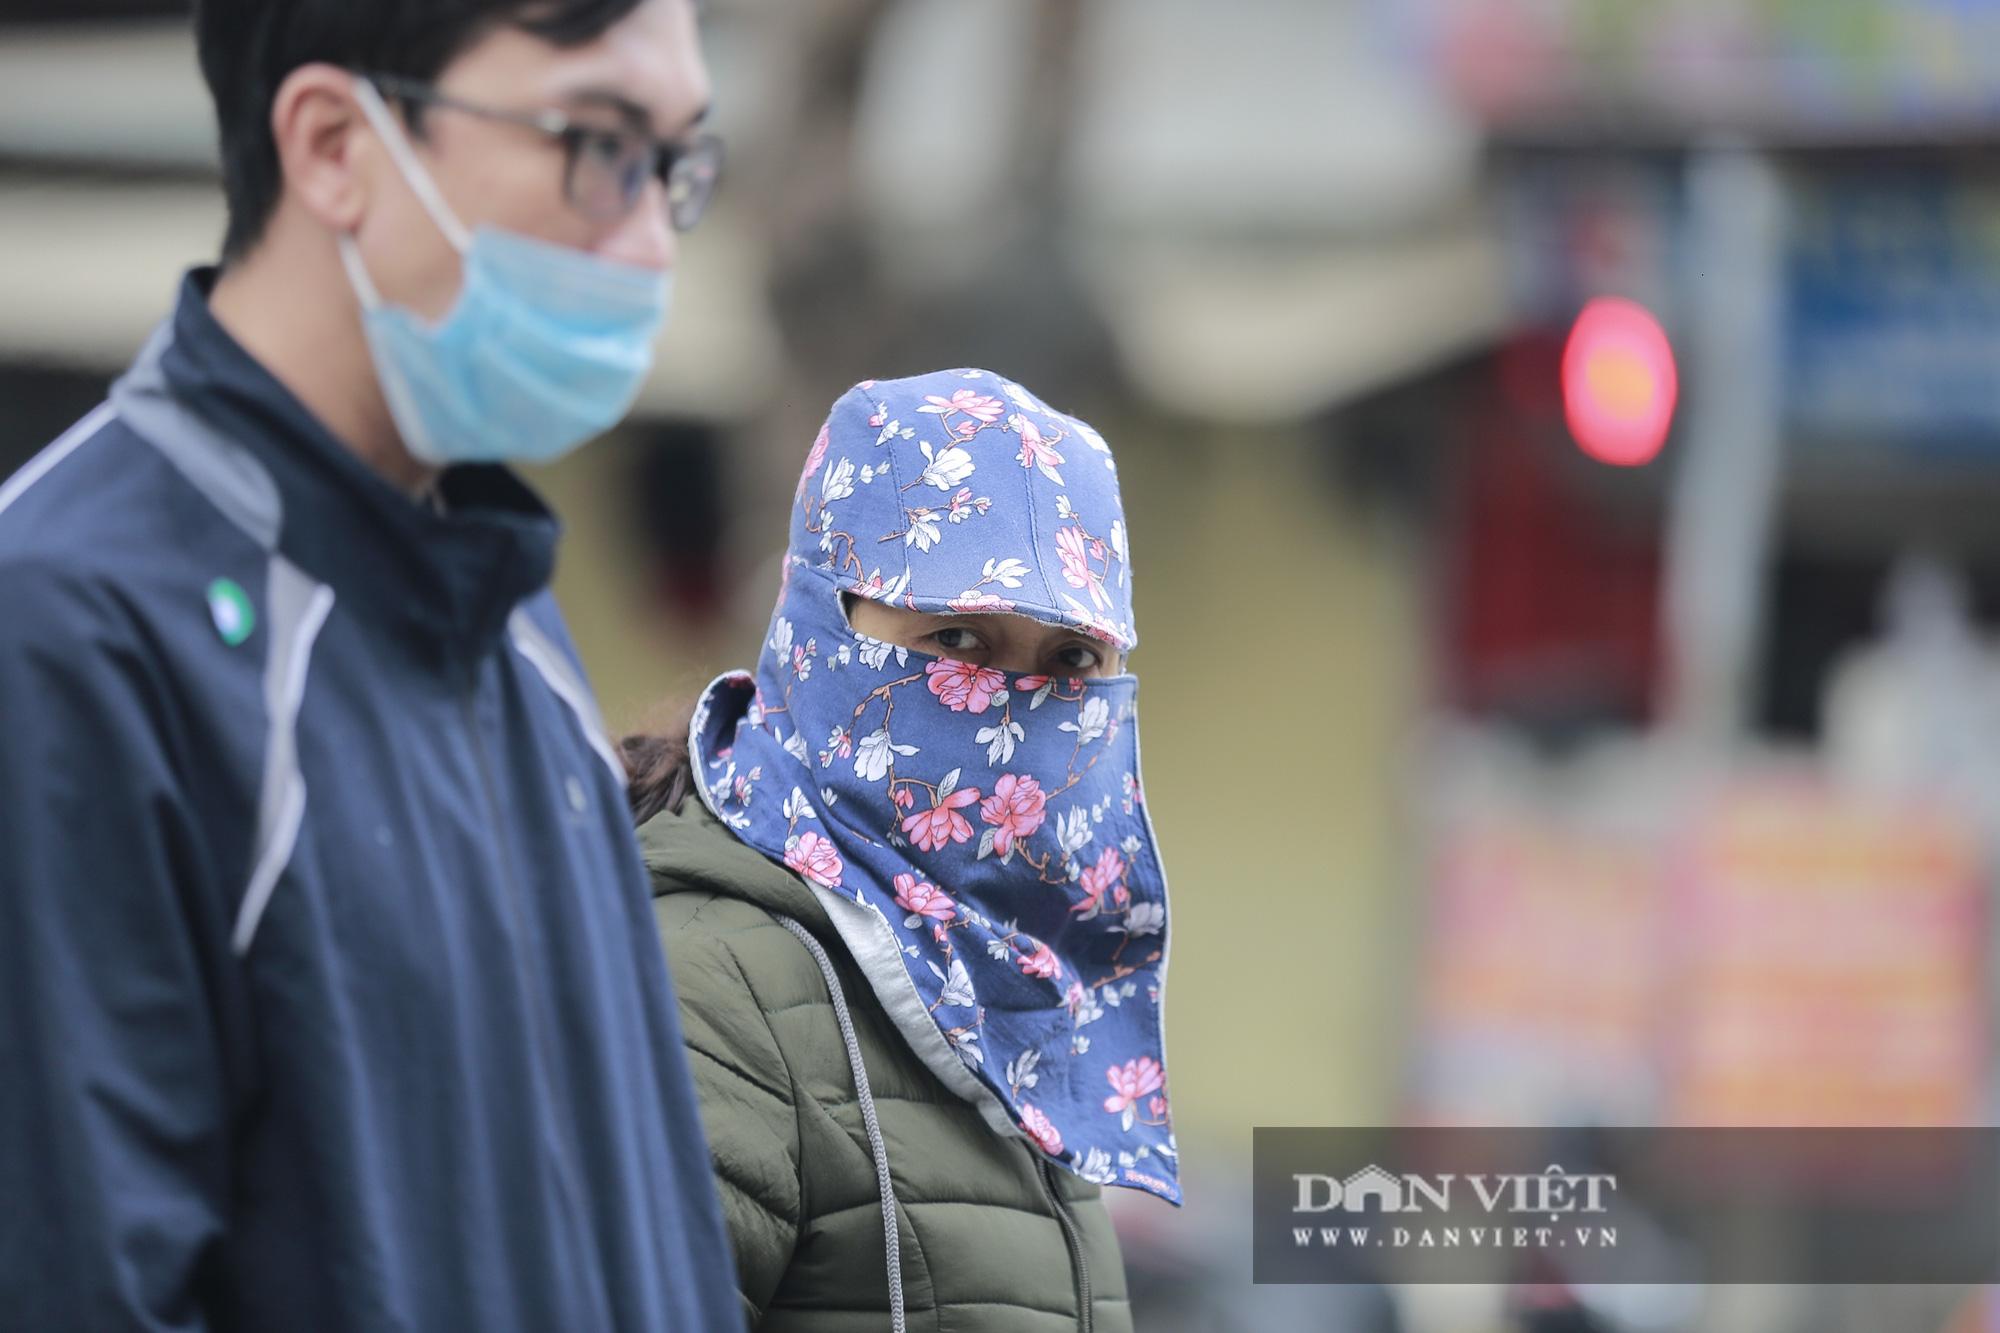 Không khí lạnh tăng cường, người Hà Nội co ro trong cái lạnh 12 độ - Ảnh 3.